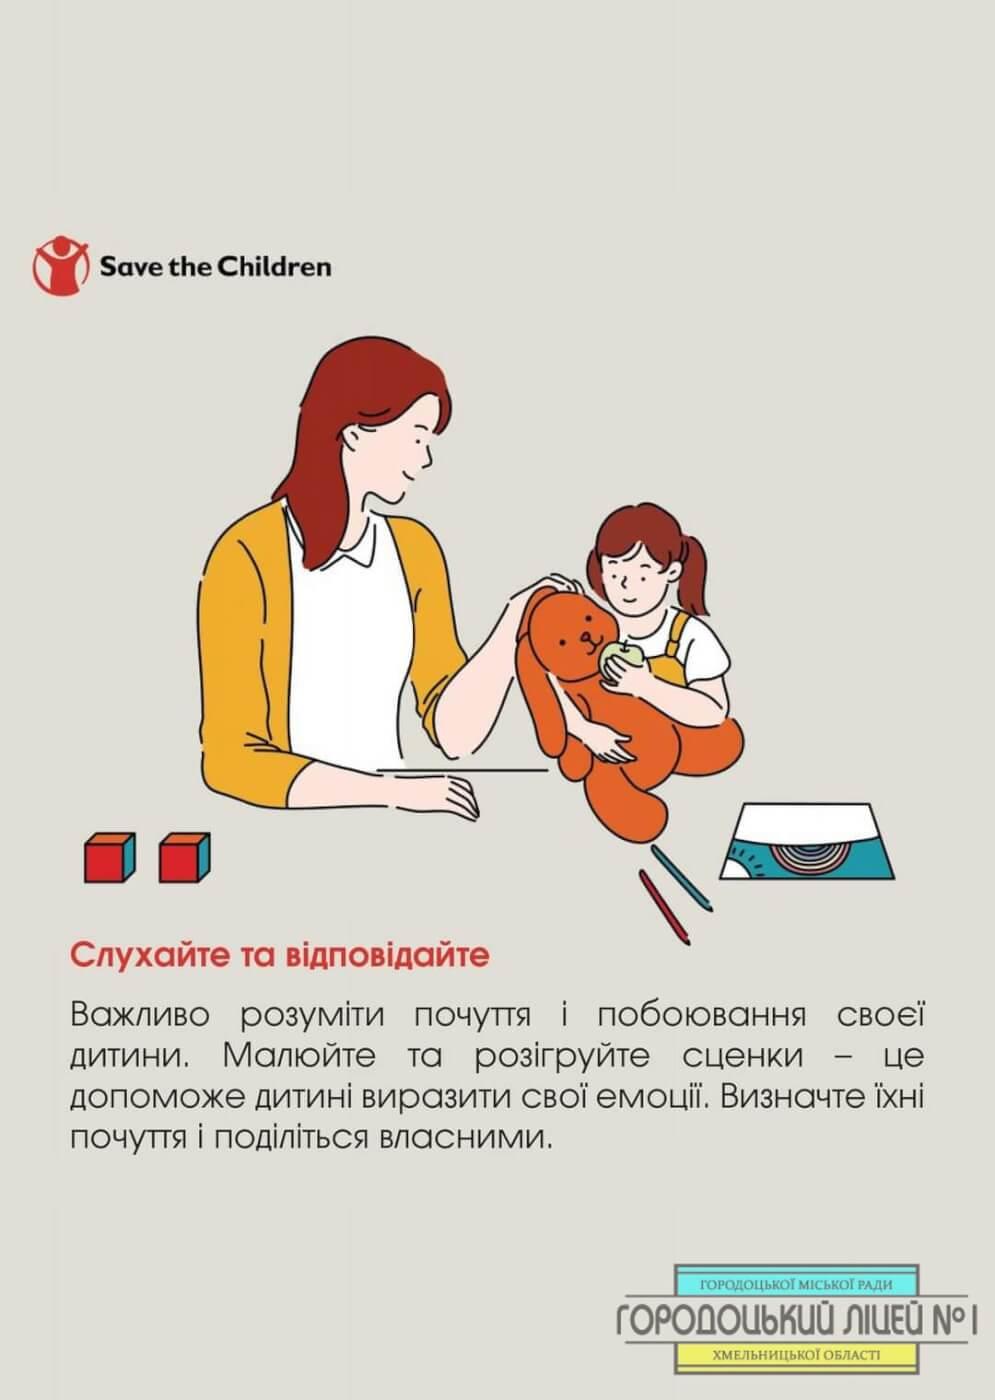 zobrazhennya viber 2021 03 29 11 22 038 - Діти на карантині. Поради для батьків